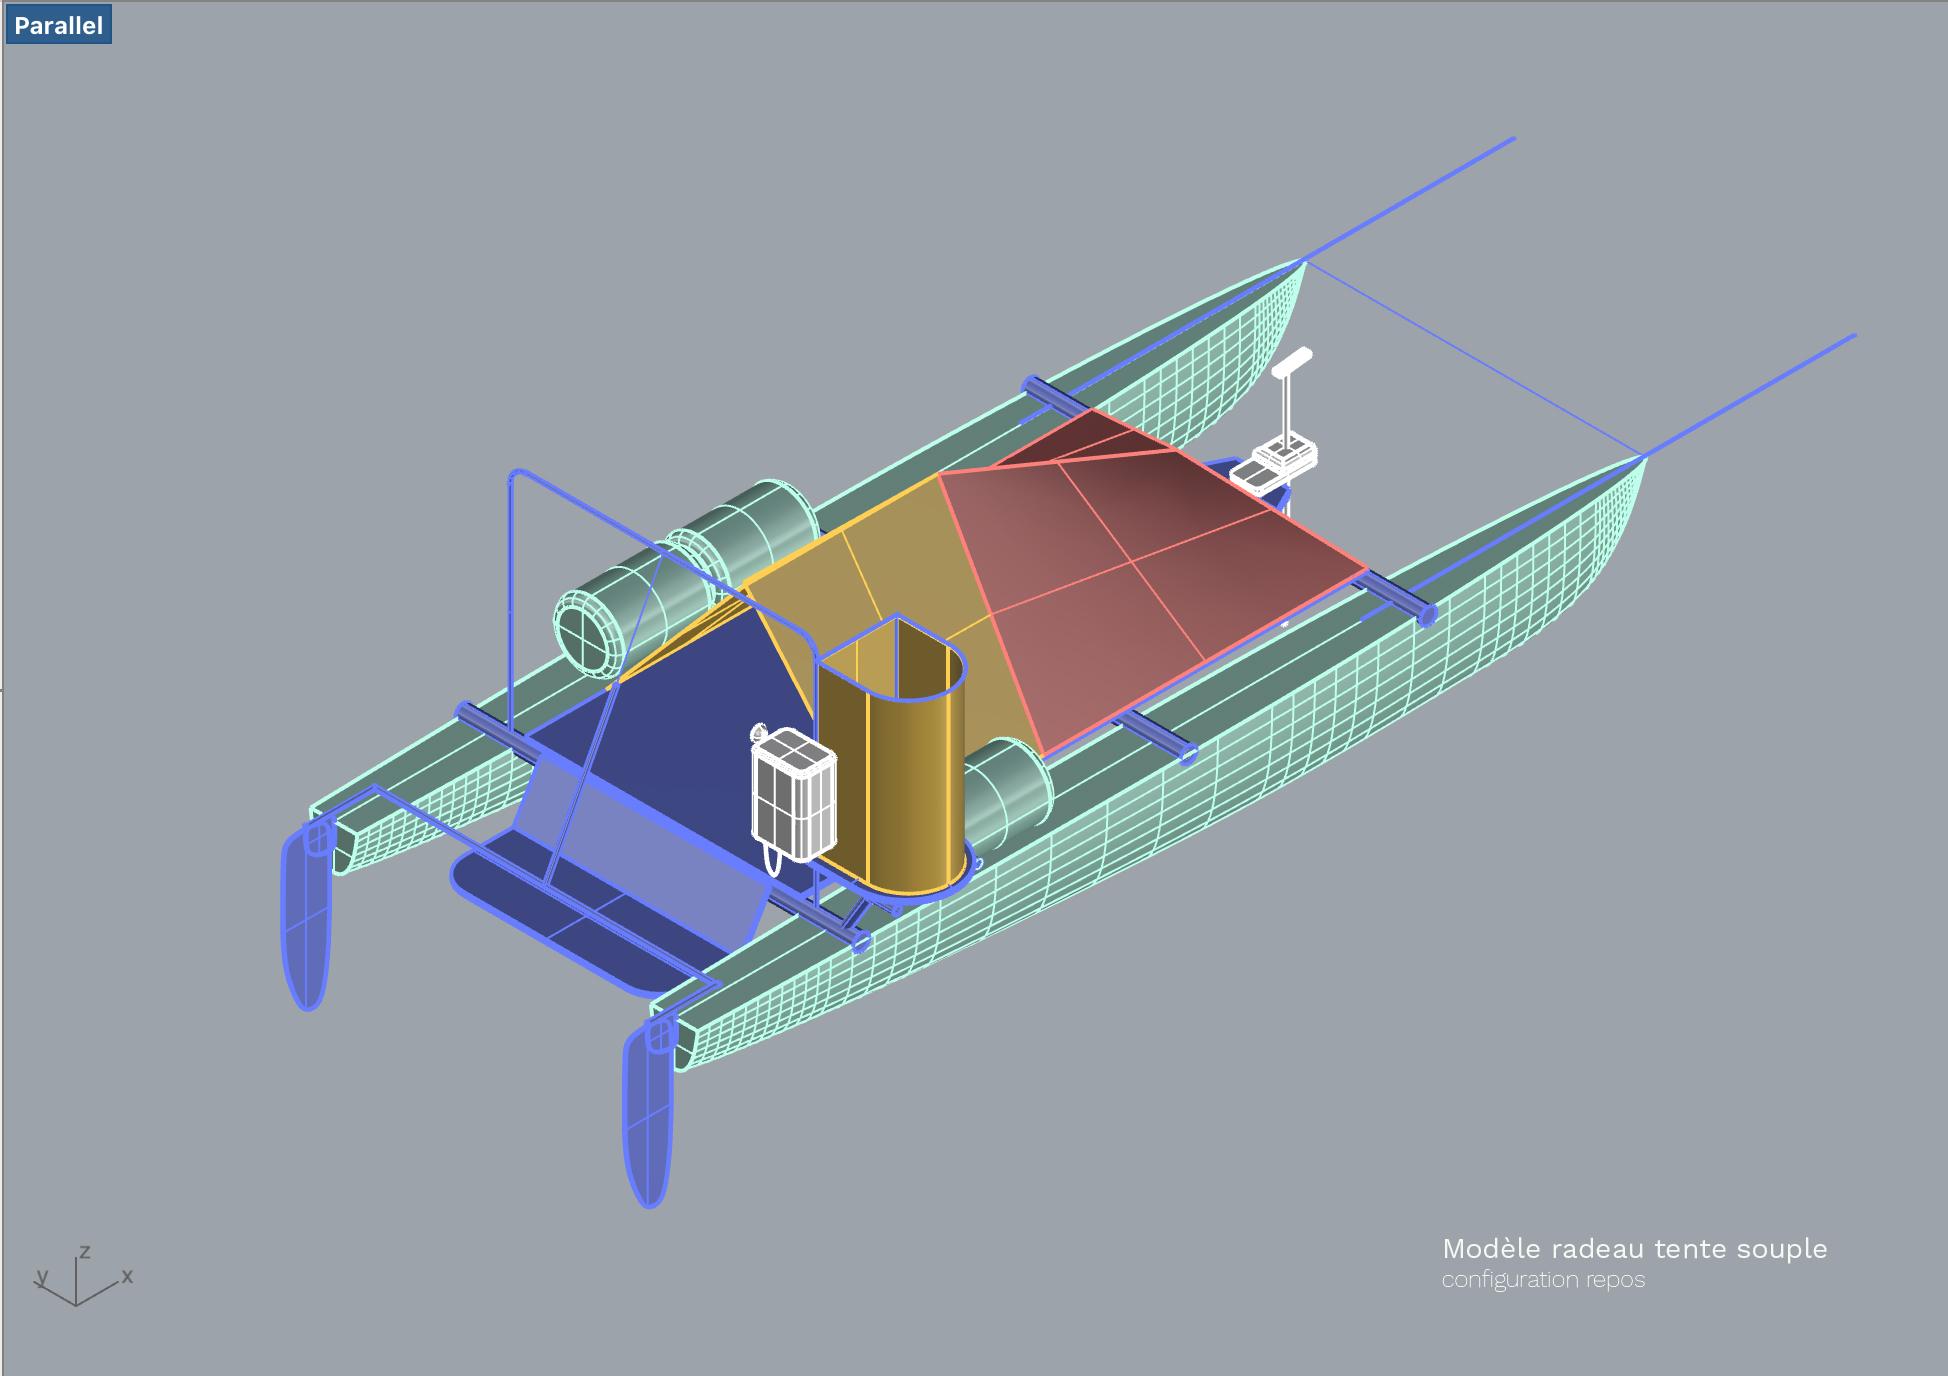 Pré-maquette de l'embarcation réalisée par les équipes R&D d'EDF